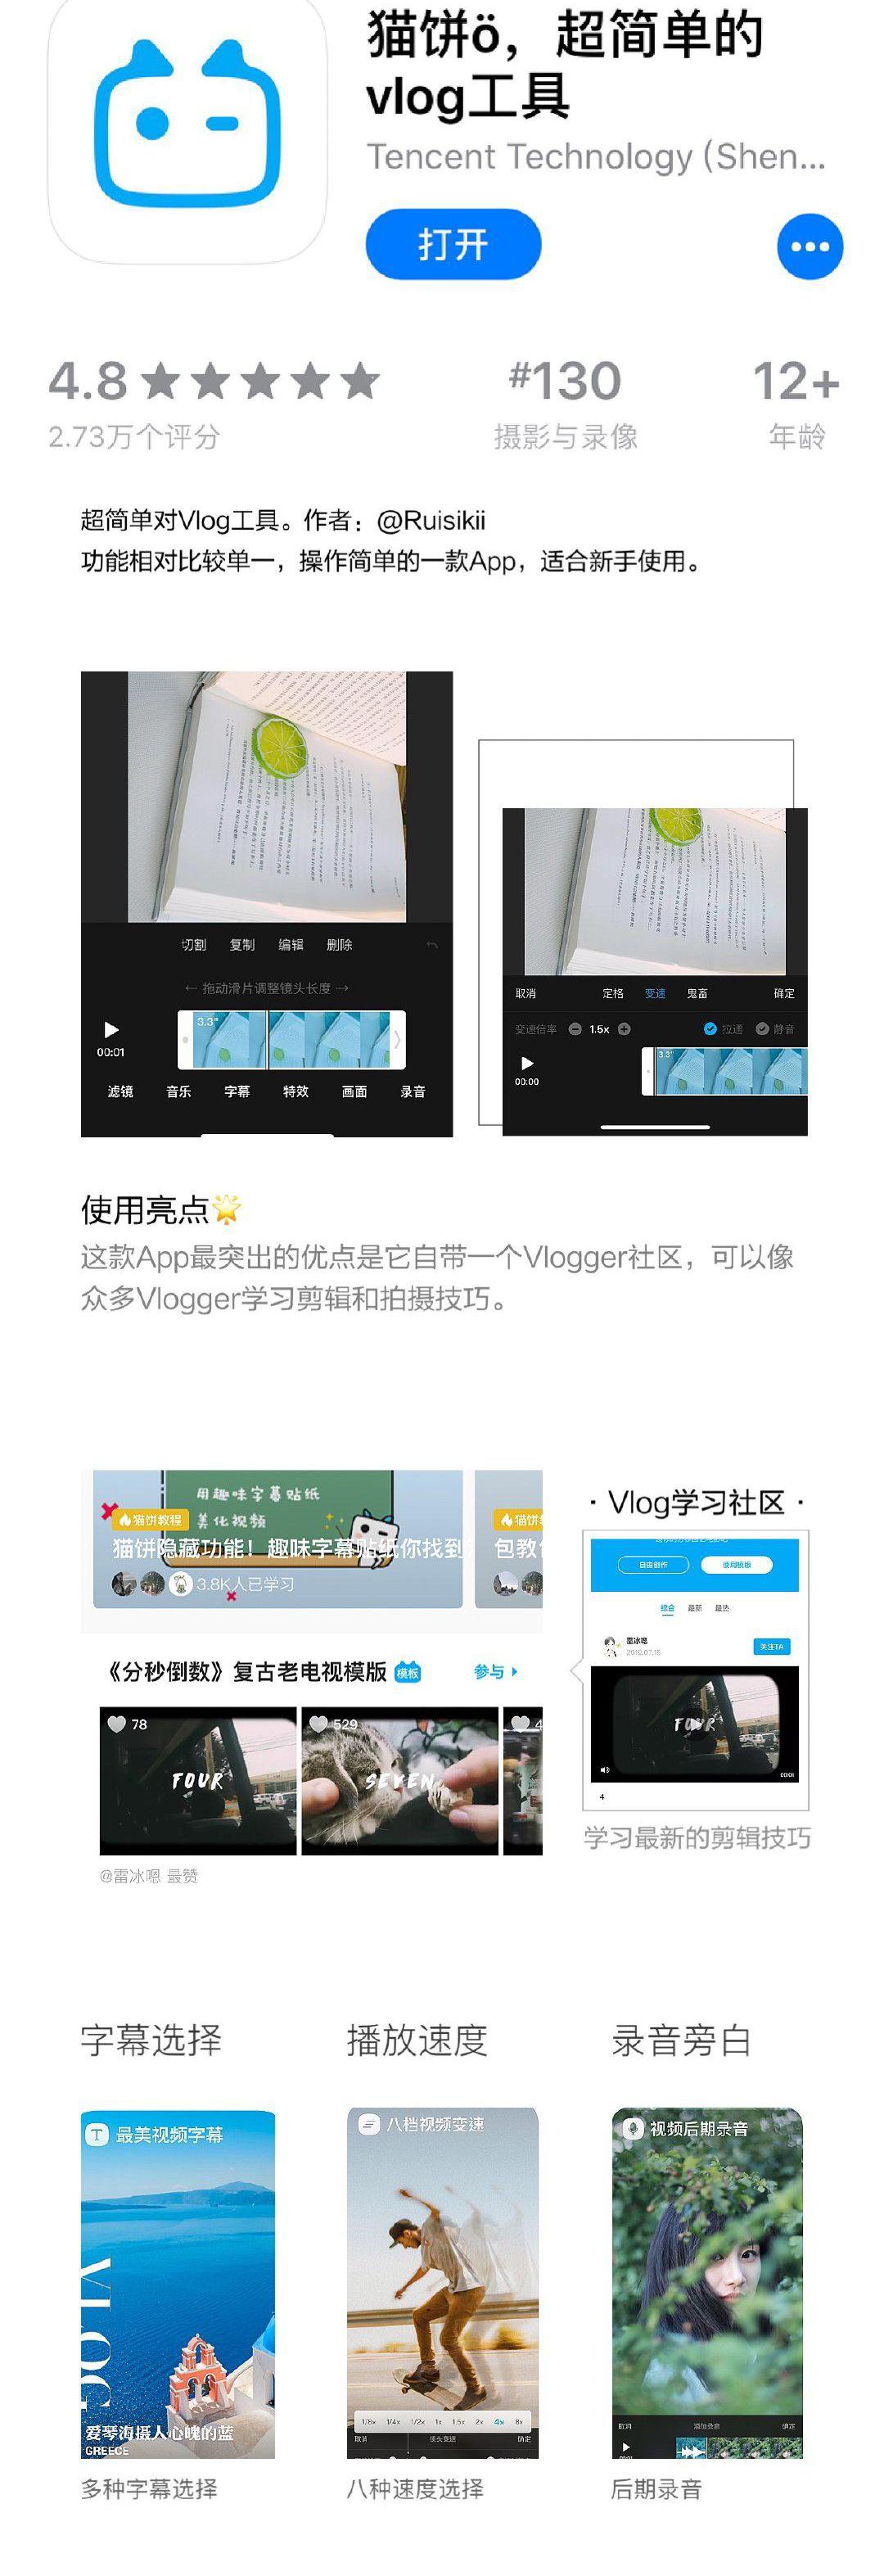 猫饼剪辑视频的软件app